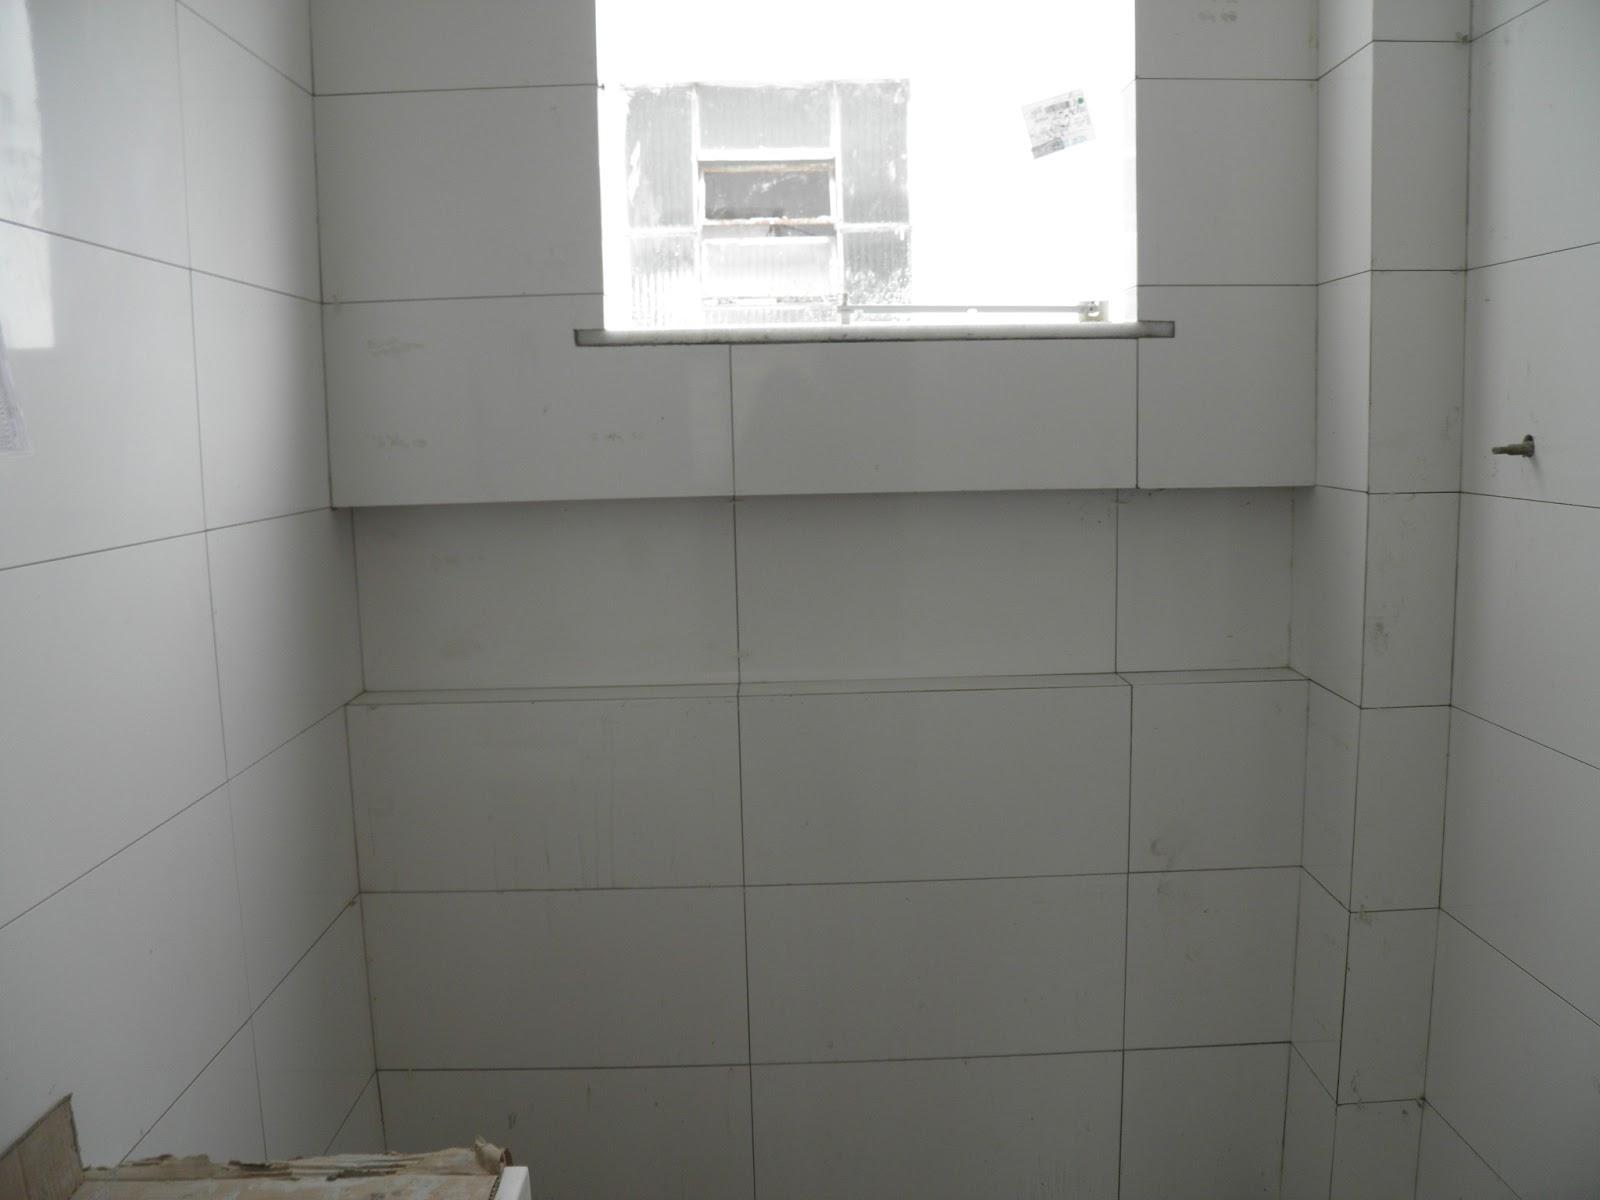 sonho com cimento de amor!: Inicio do revestimento: banheiro suite #57534A 1600x1200 Banheiro Branco Com Rejunte Cinza